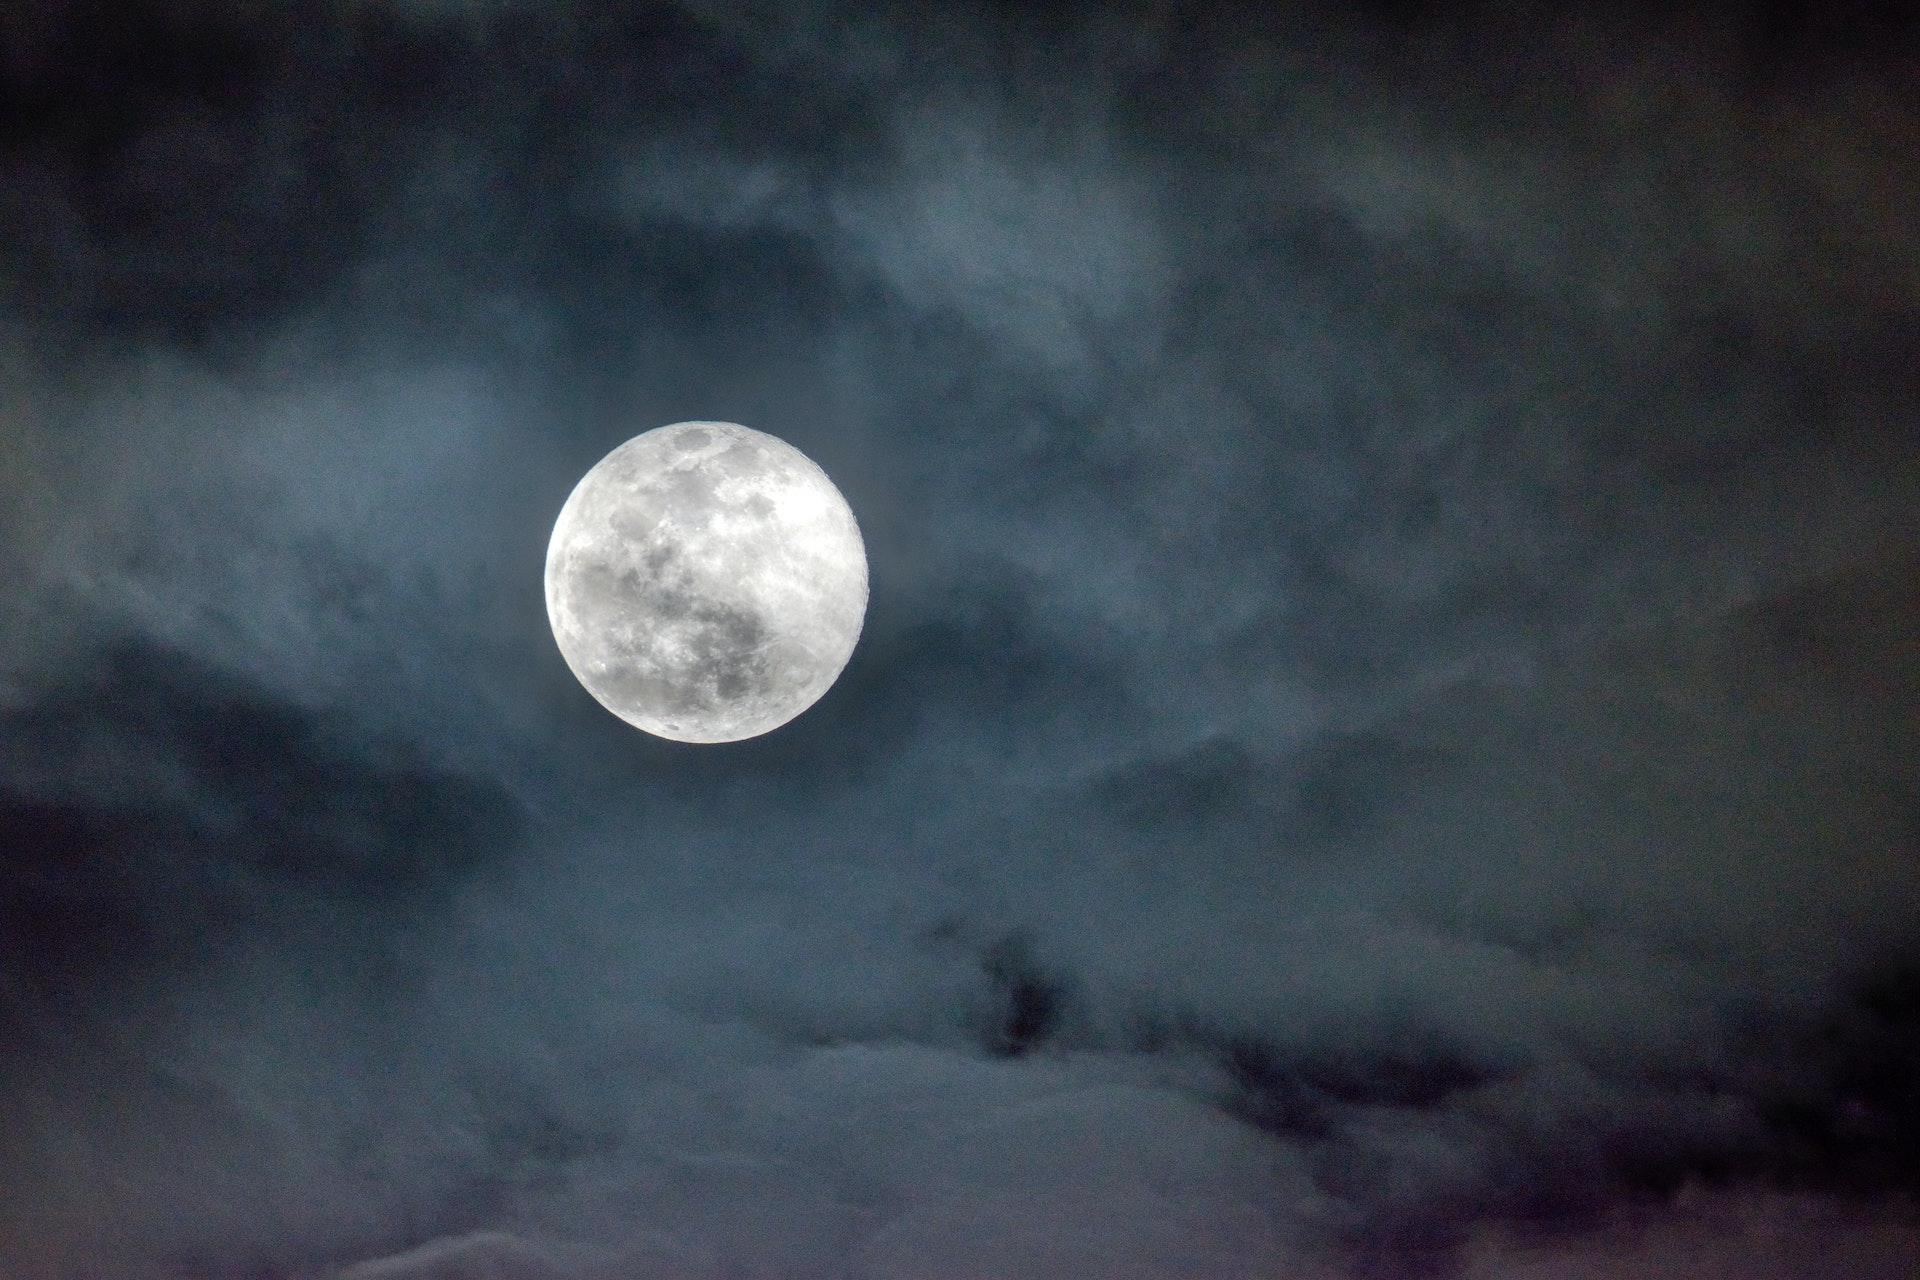 ¿Cuáles son las fechas de las próximas superlunas? Hay que esperar a 2021